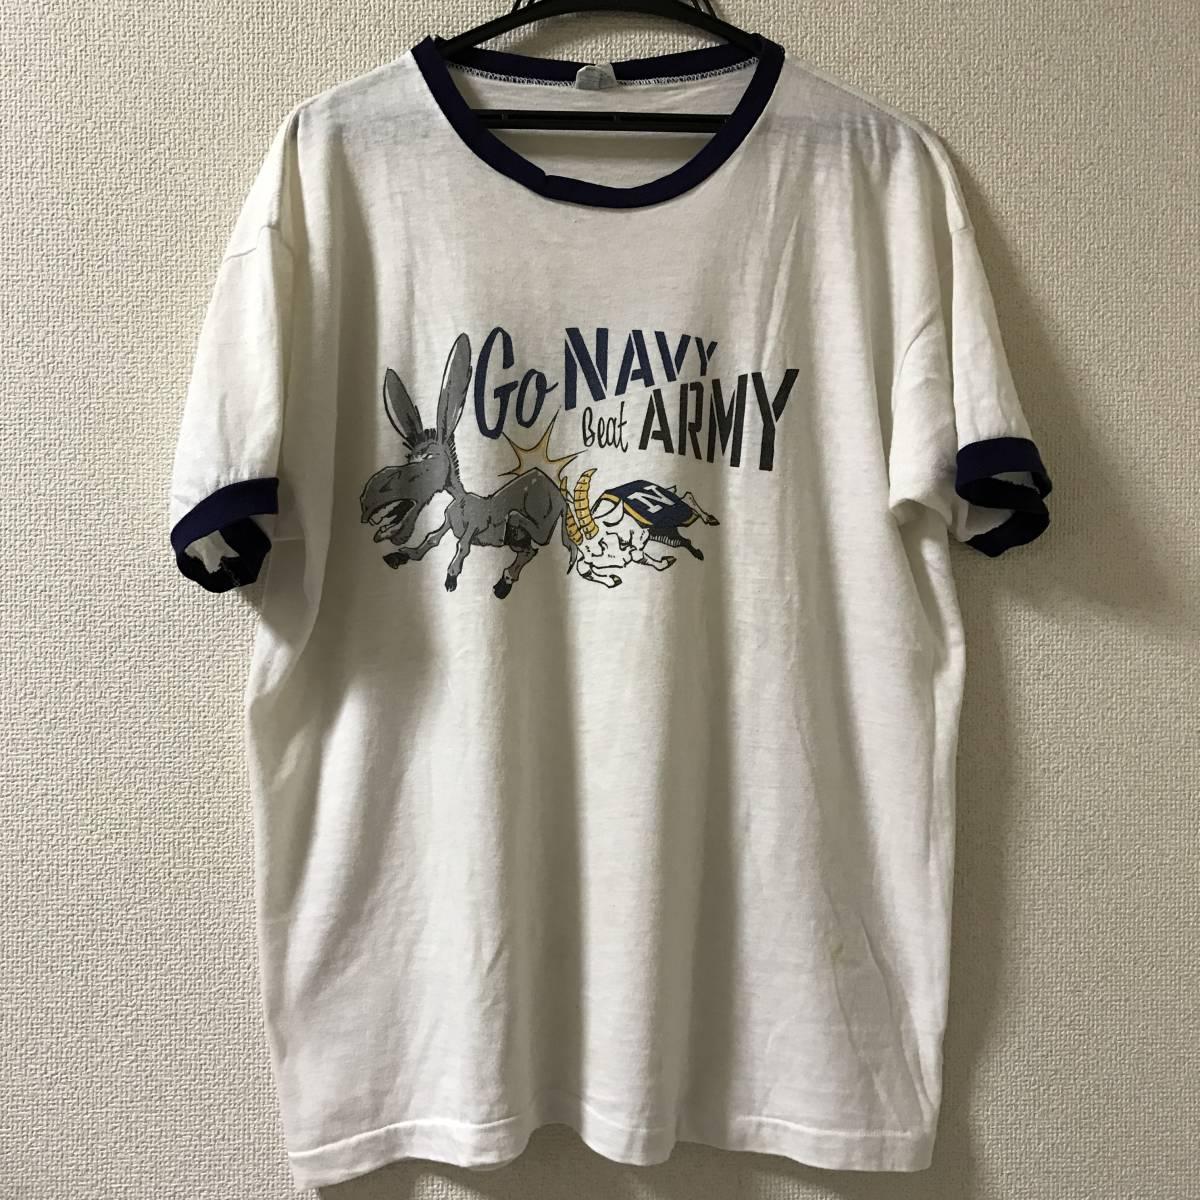 champion ビンテージ 染み込み チャンピオン バータグ トリコタグ リバース army navy usmc air force 米軍 ミリタリー Tシャツ 88 12_画像2